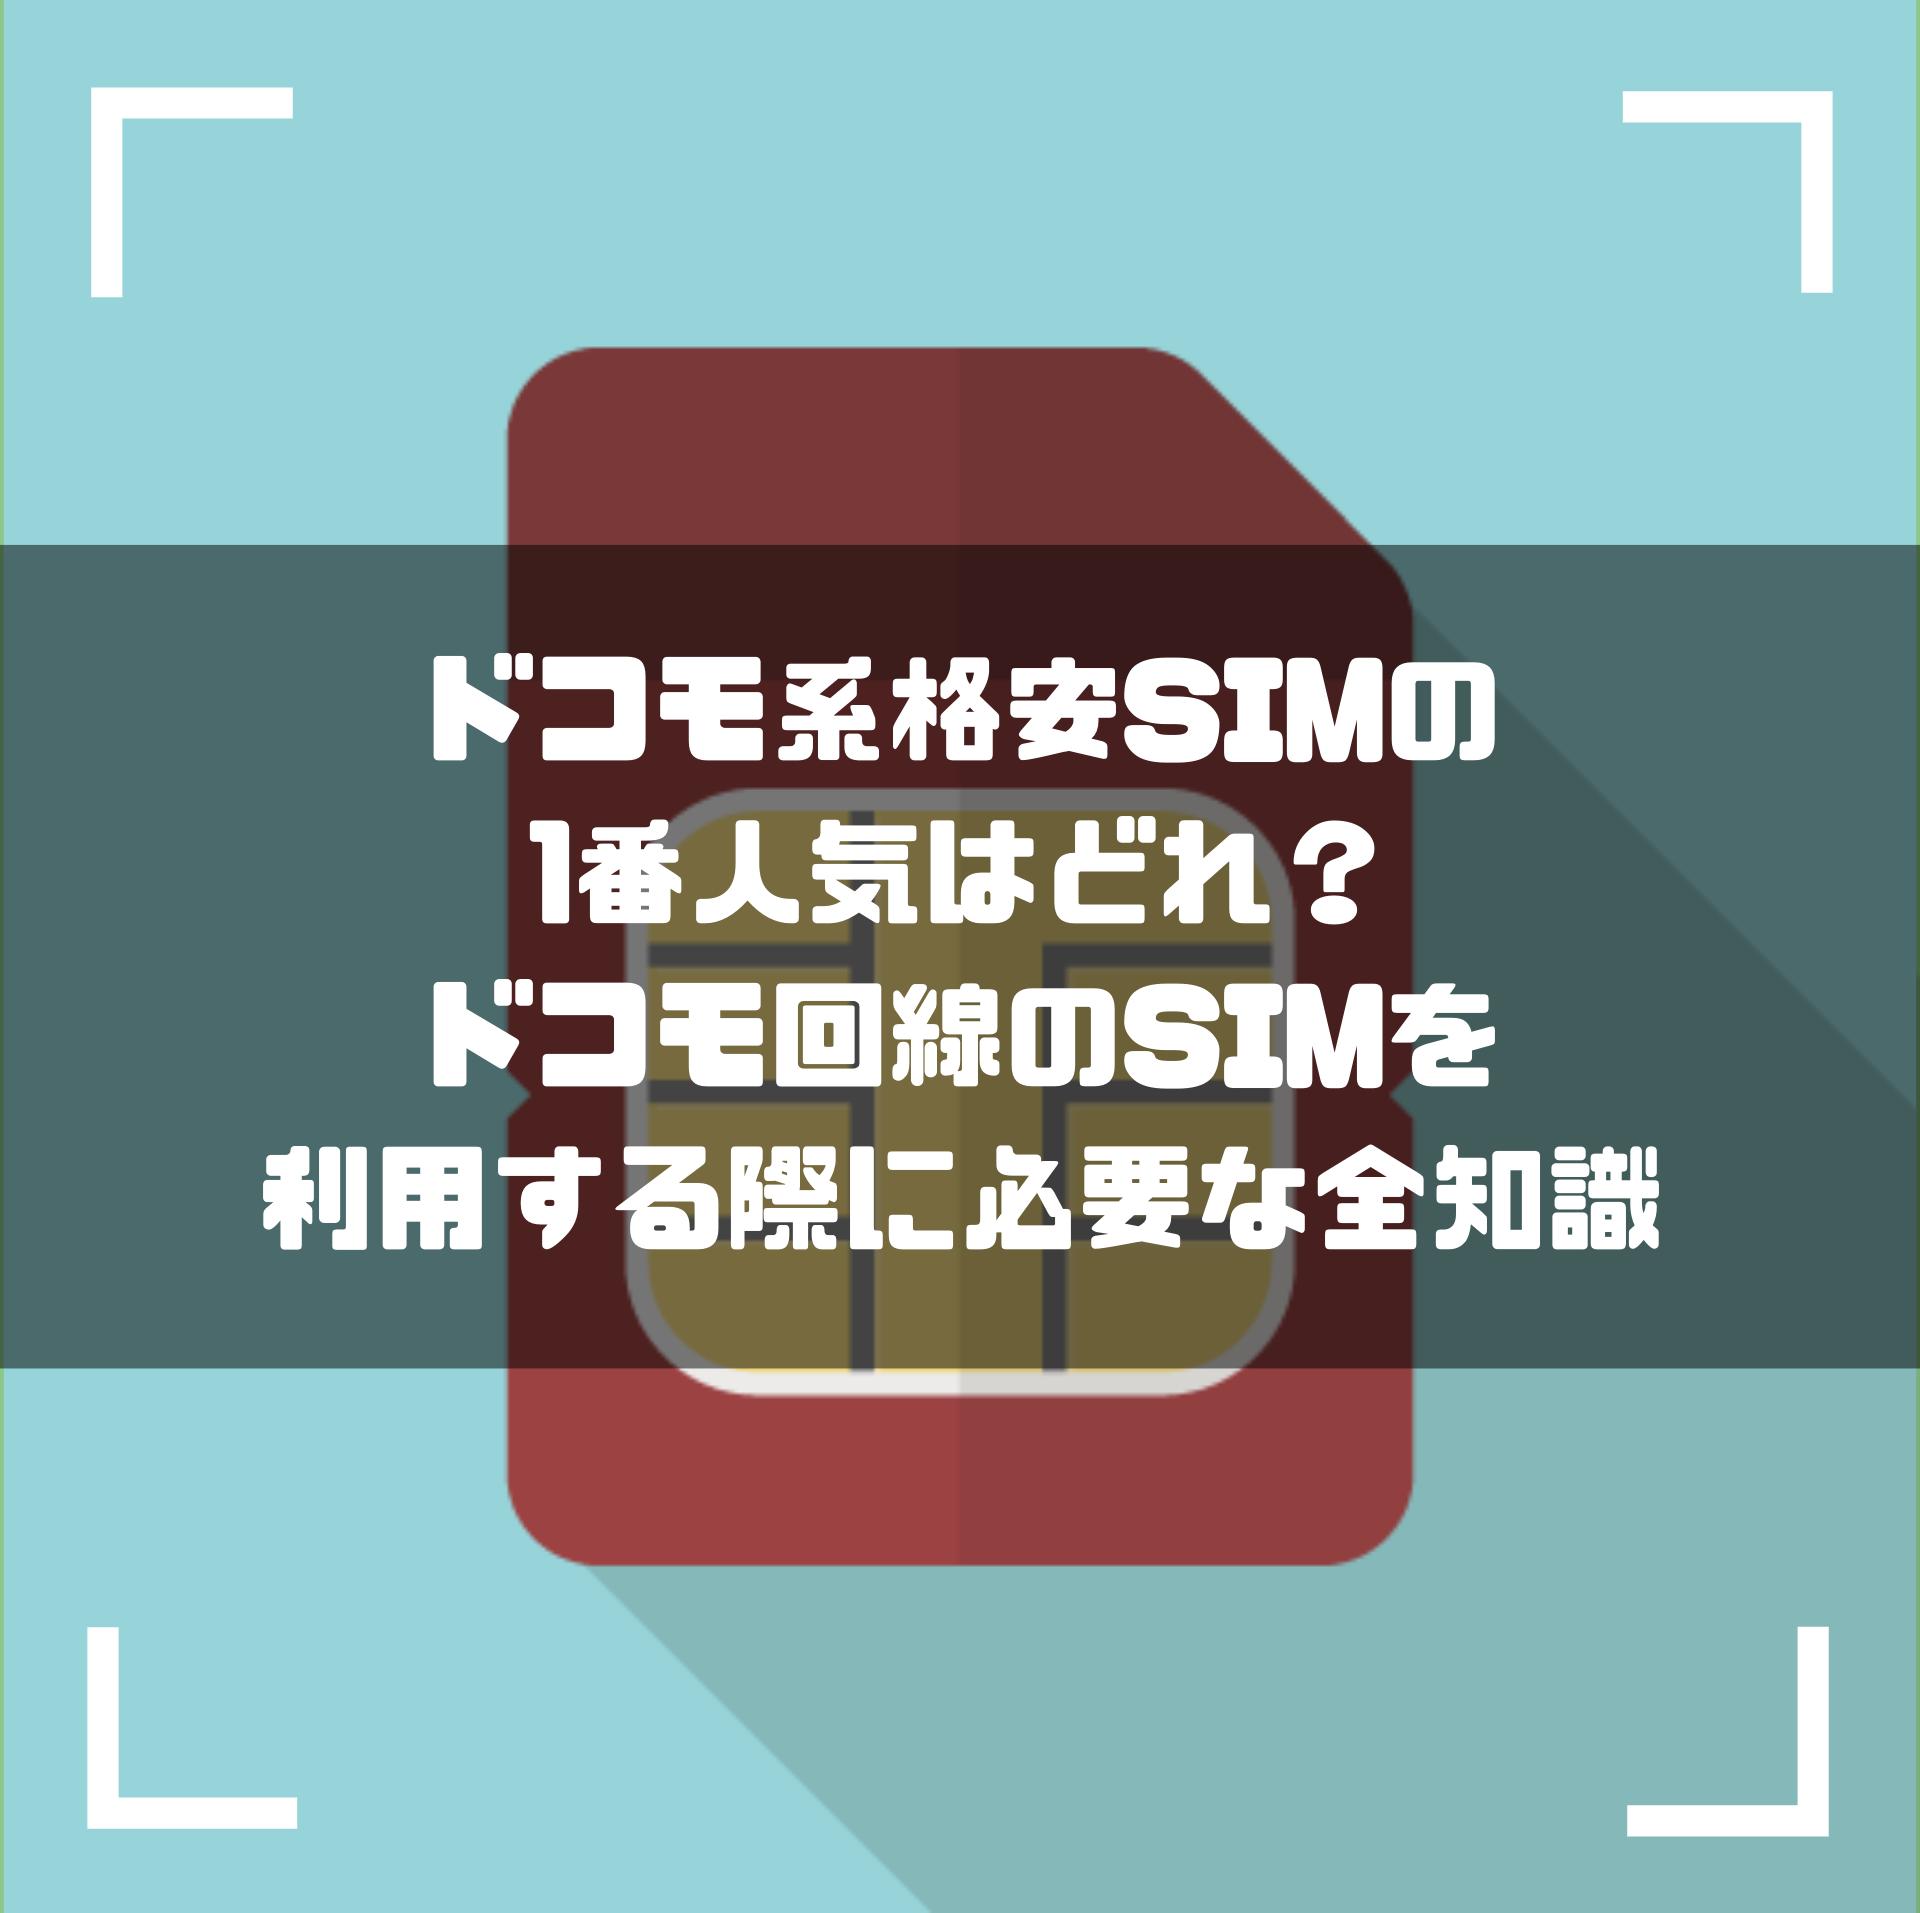 ドコモ系格安SIMのおすすめ11社を徹底比較|コスパ最強プランへ乗り換える際に必要な全知識